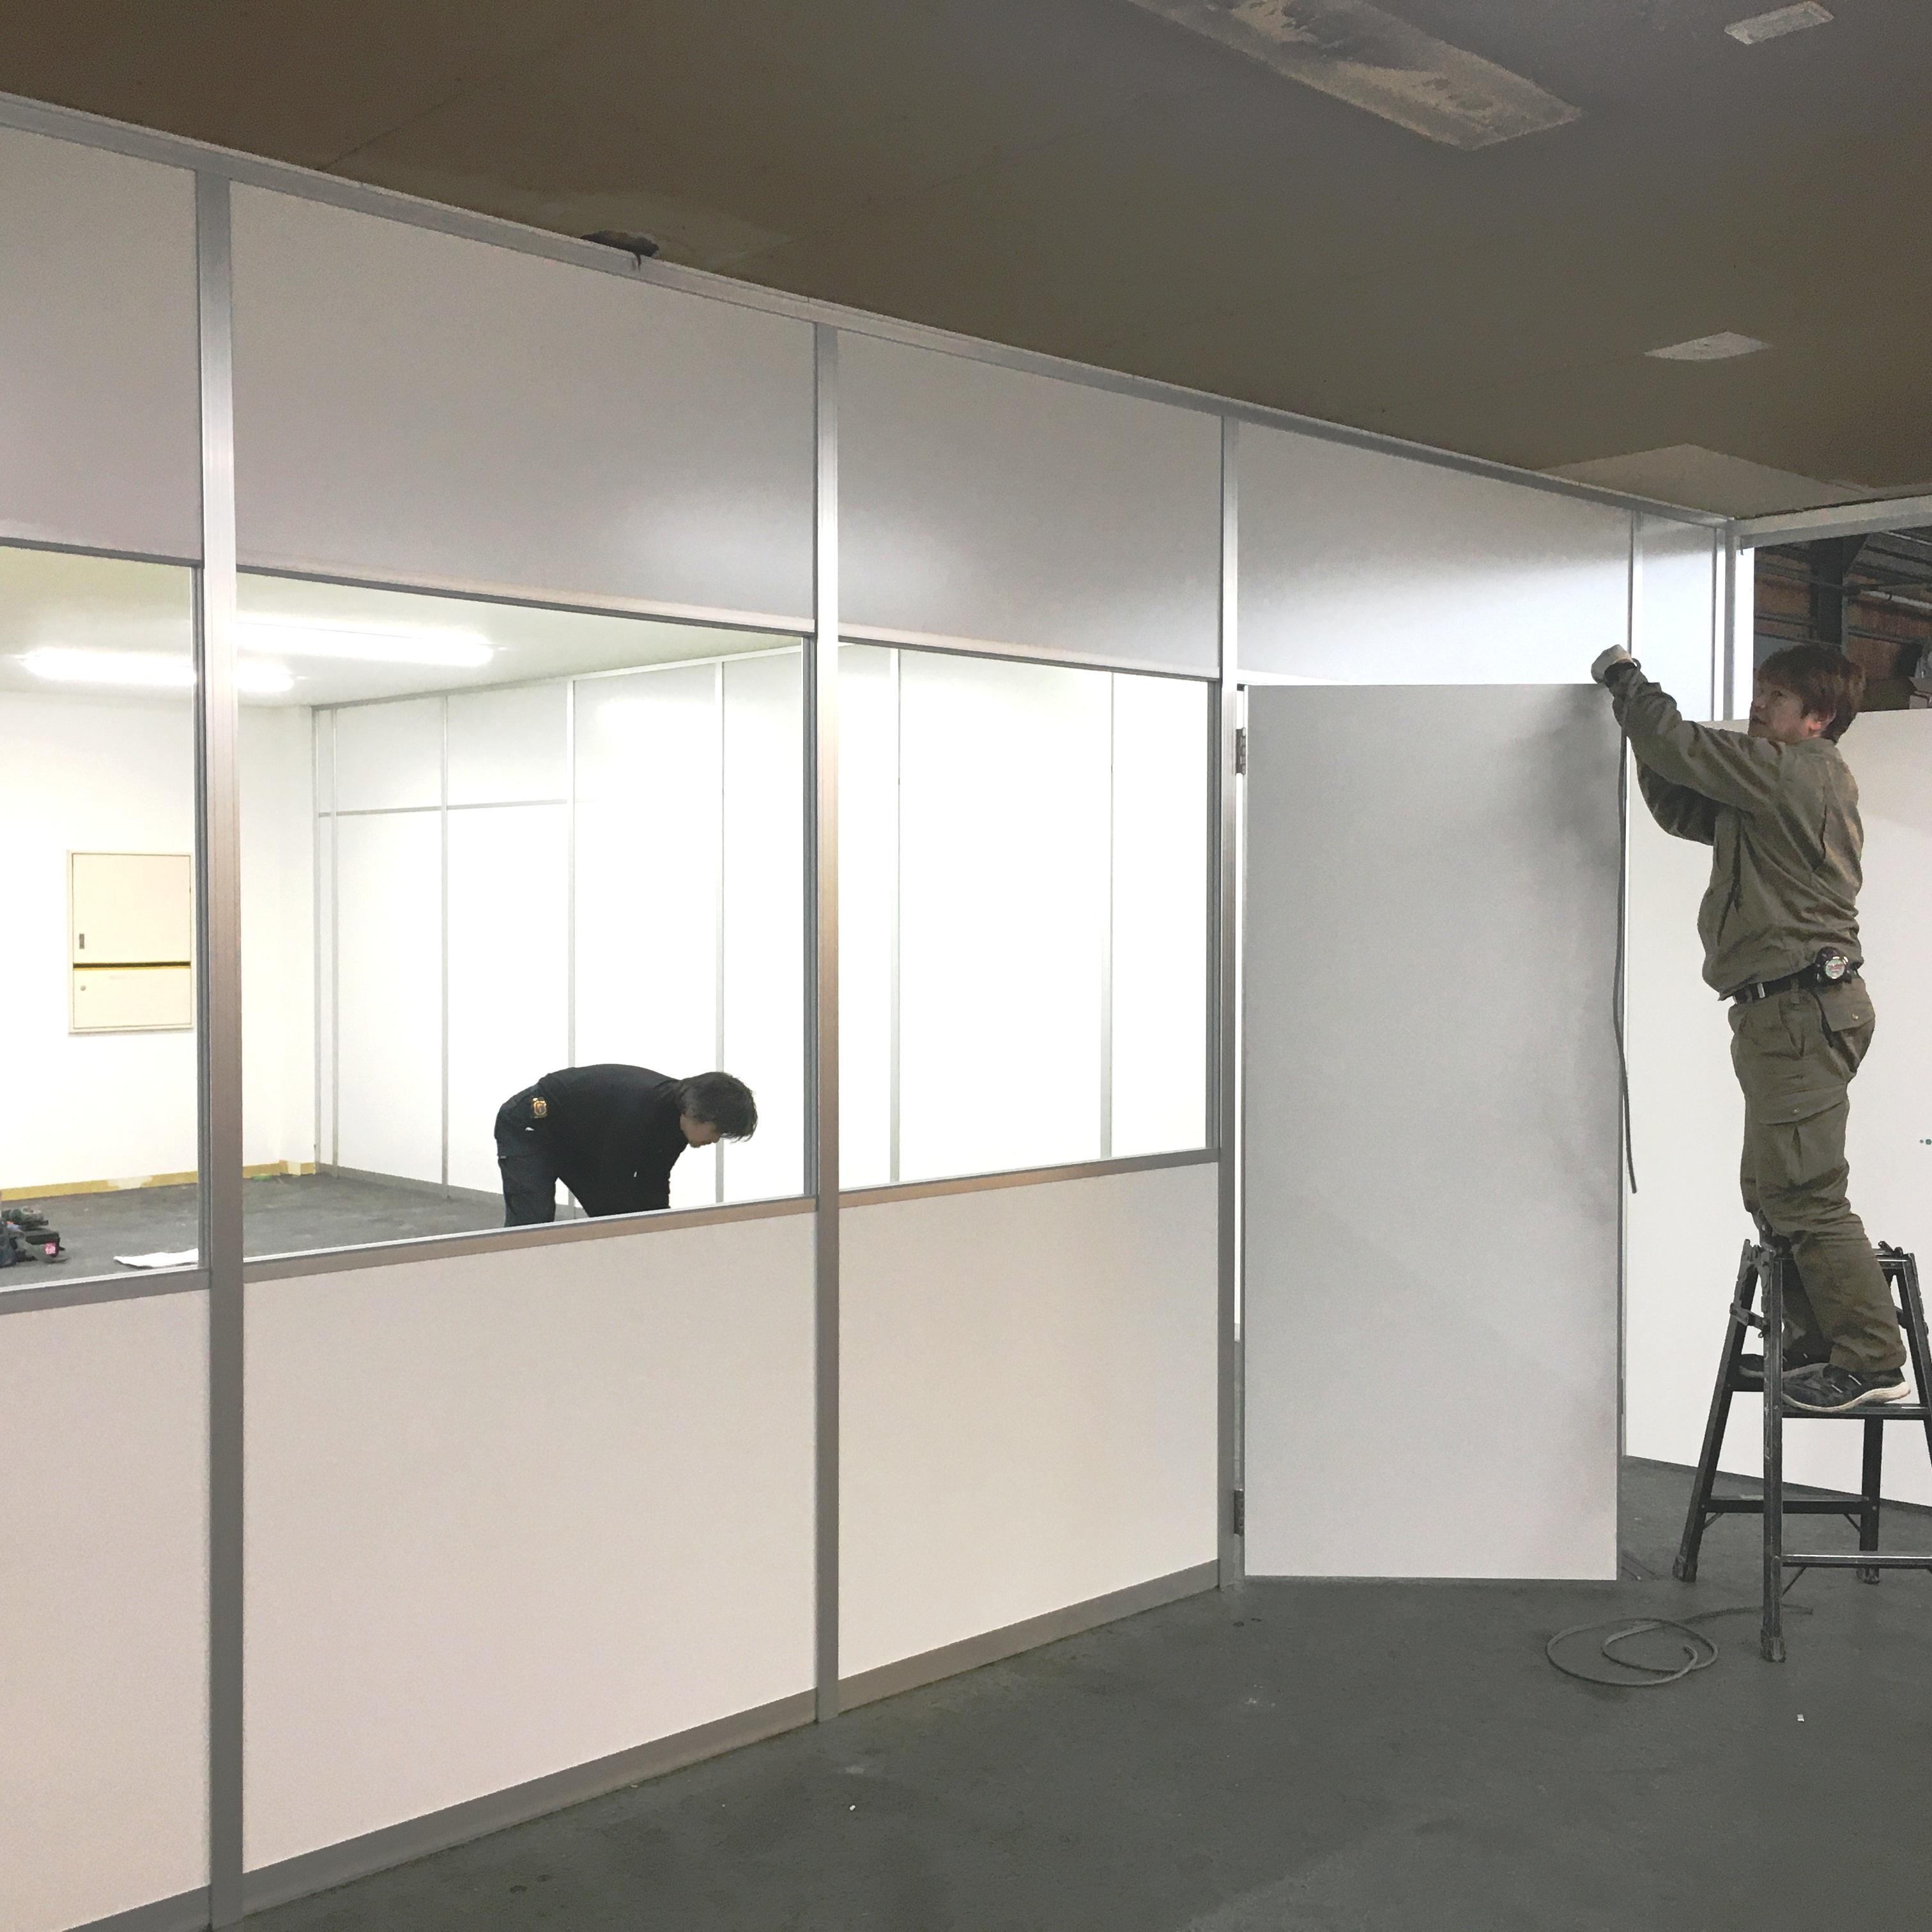 徳島・香川のオフィス内装工事|アルミパーテーション解体・新設工事(間仕切り工事)